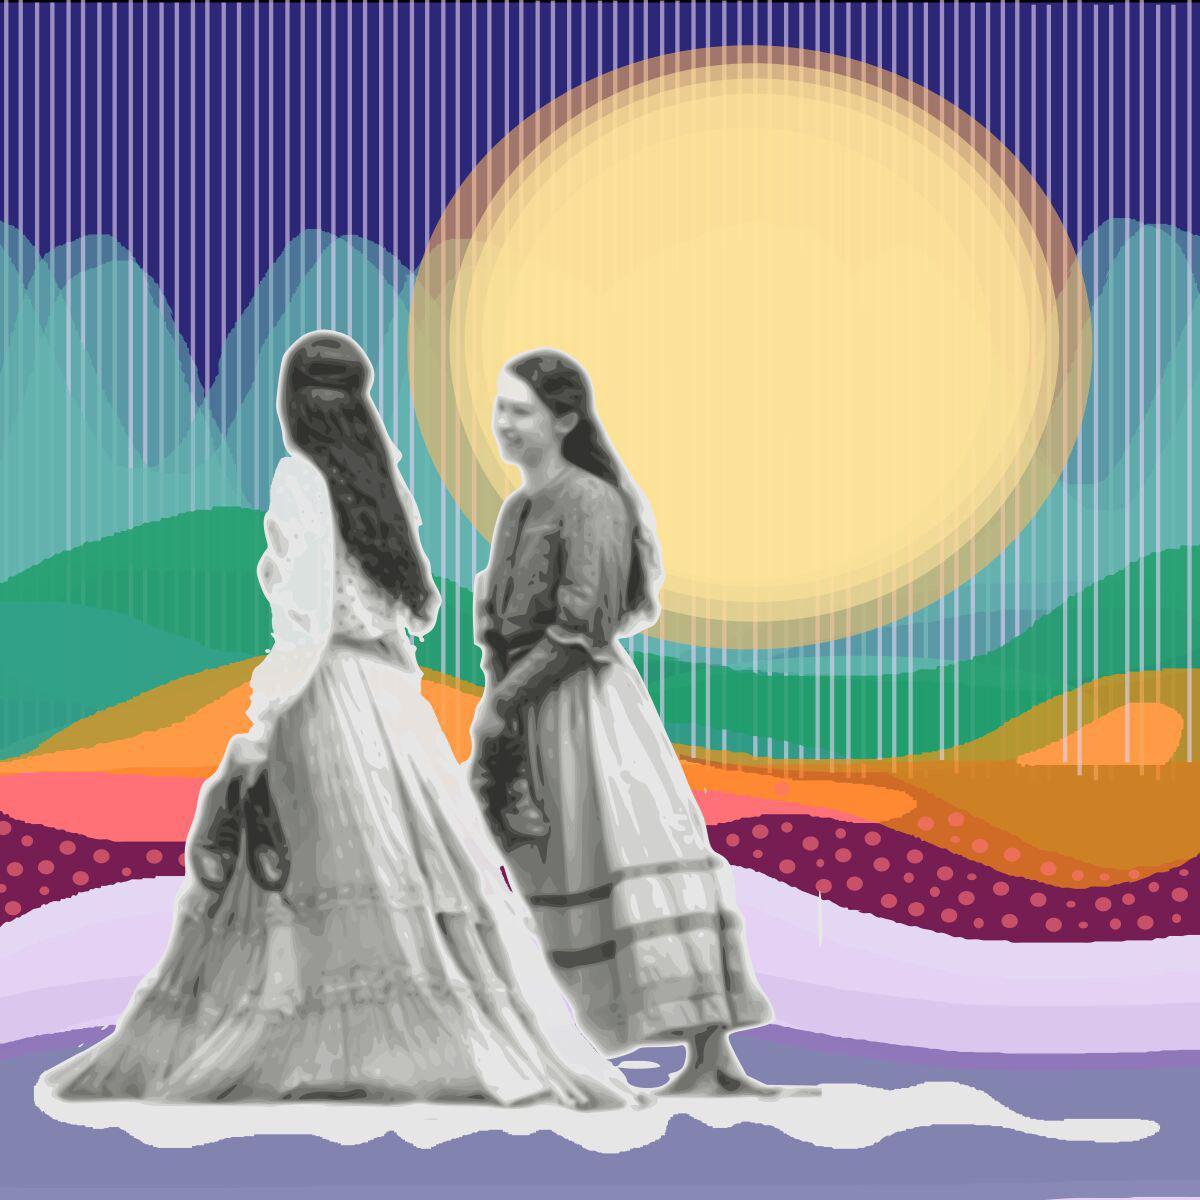 La pareja, caminando con un fondo de colores que recuerda un colage